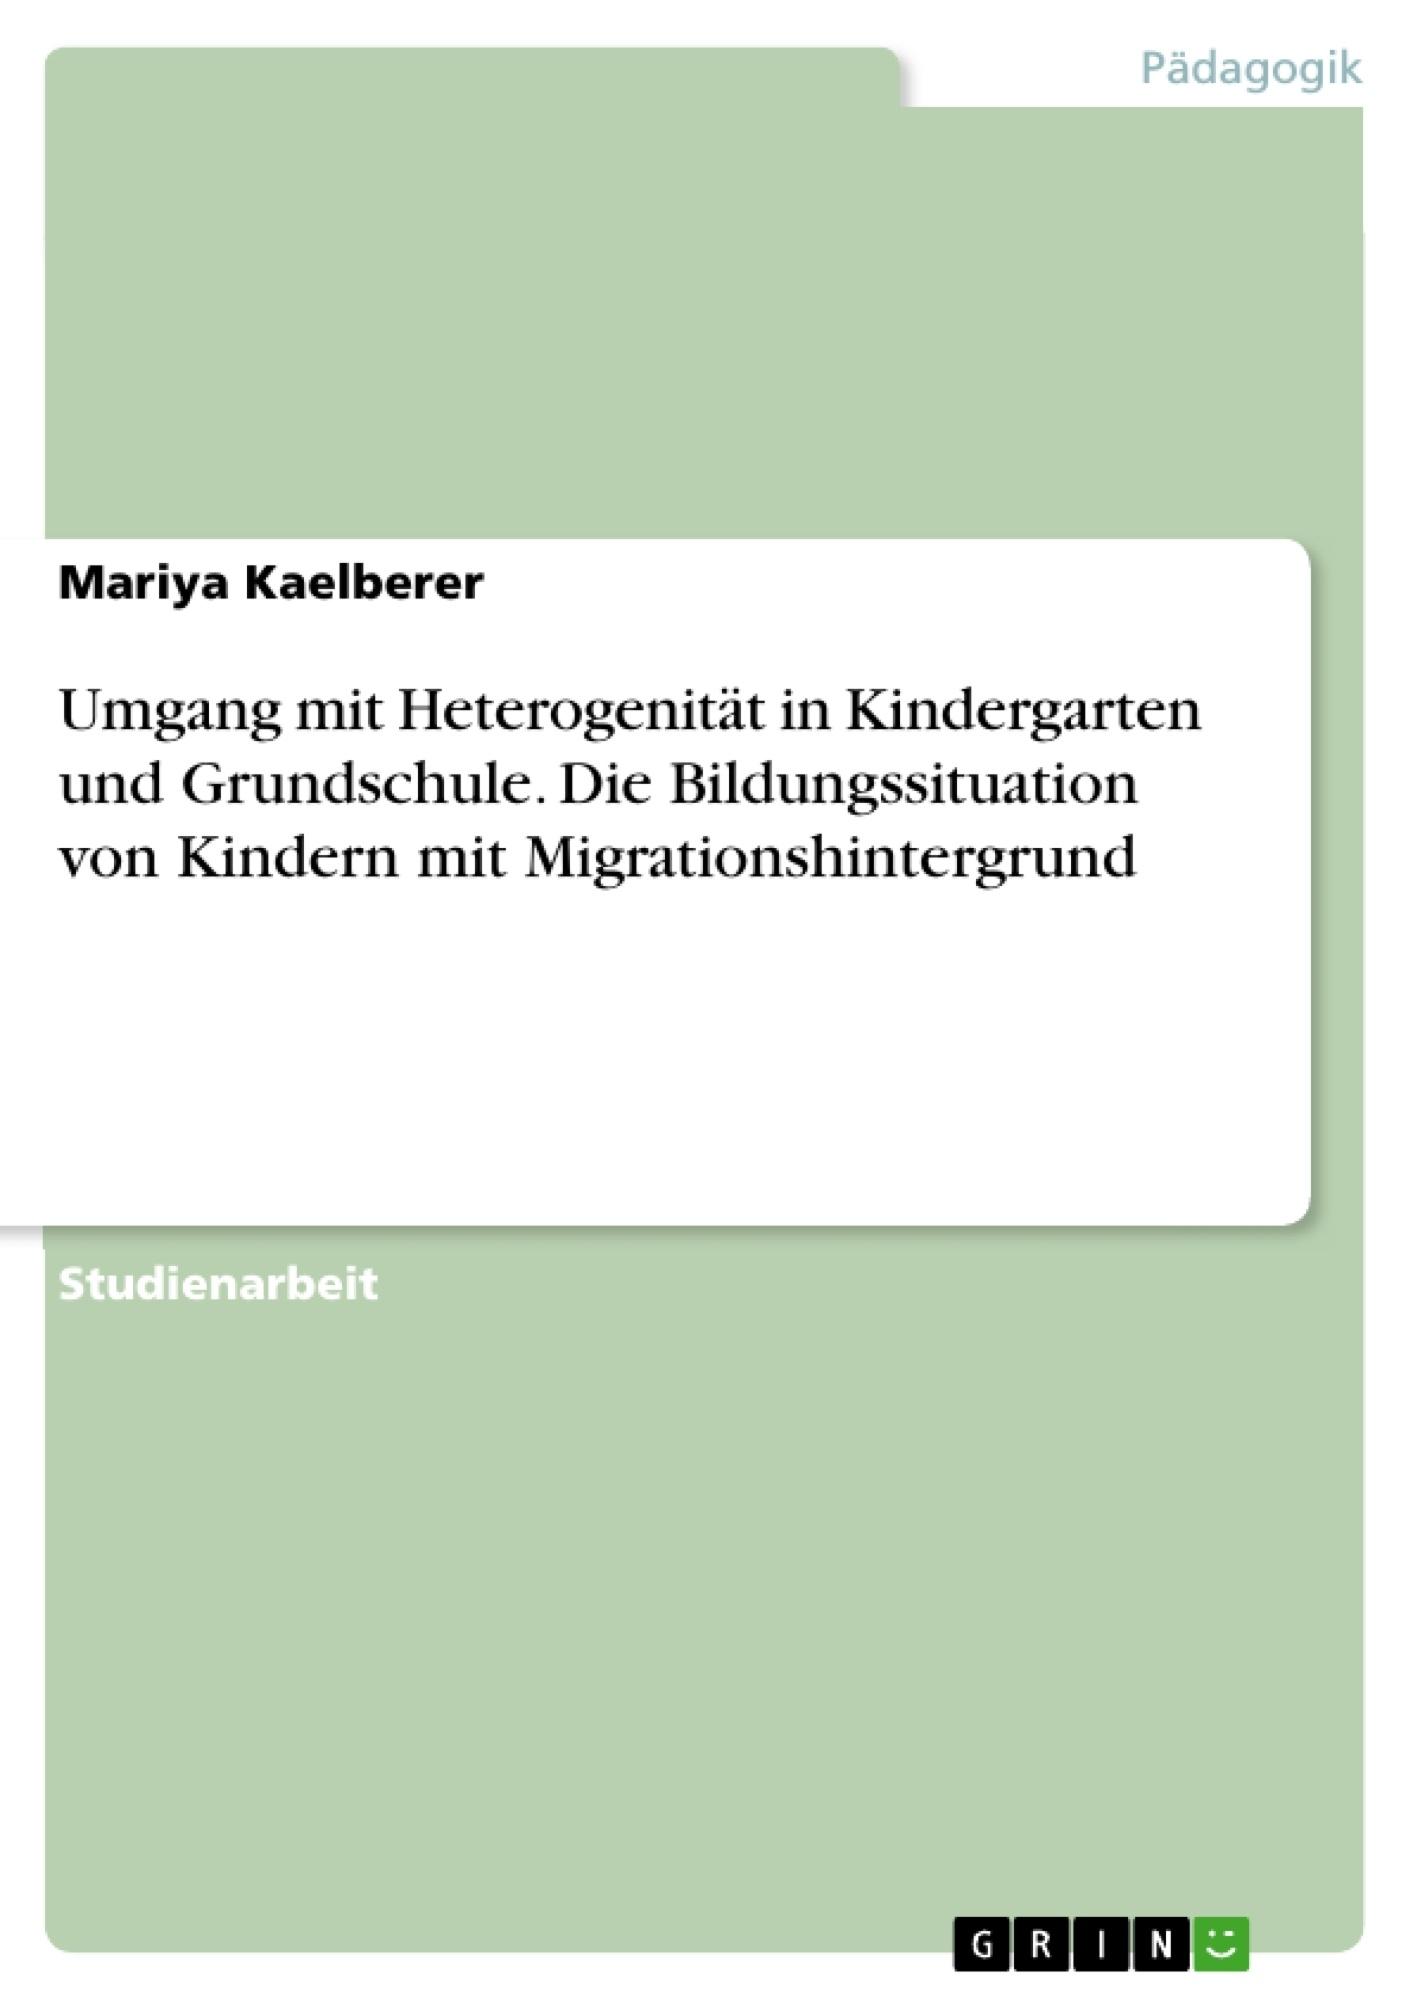 Titel: Umgang mit Heterogenität in Kindergarten und Grundschule. Die Bildungssituation von Kindern mit Migrationshintergrund